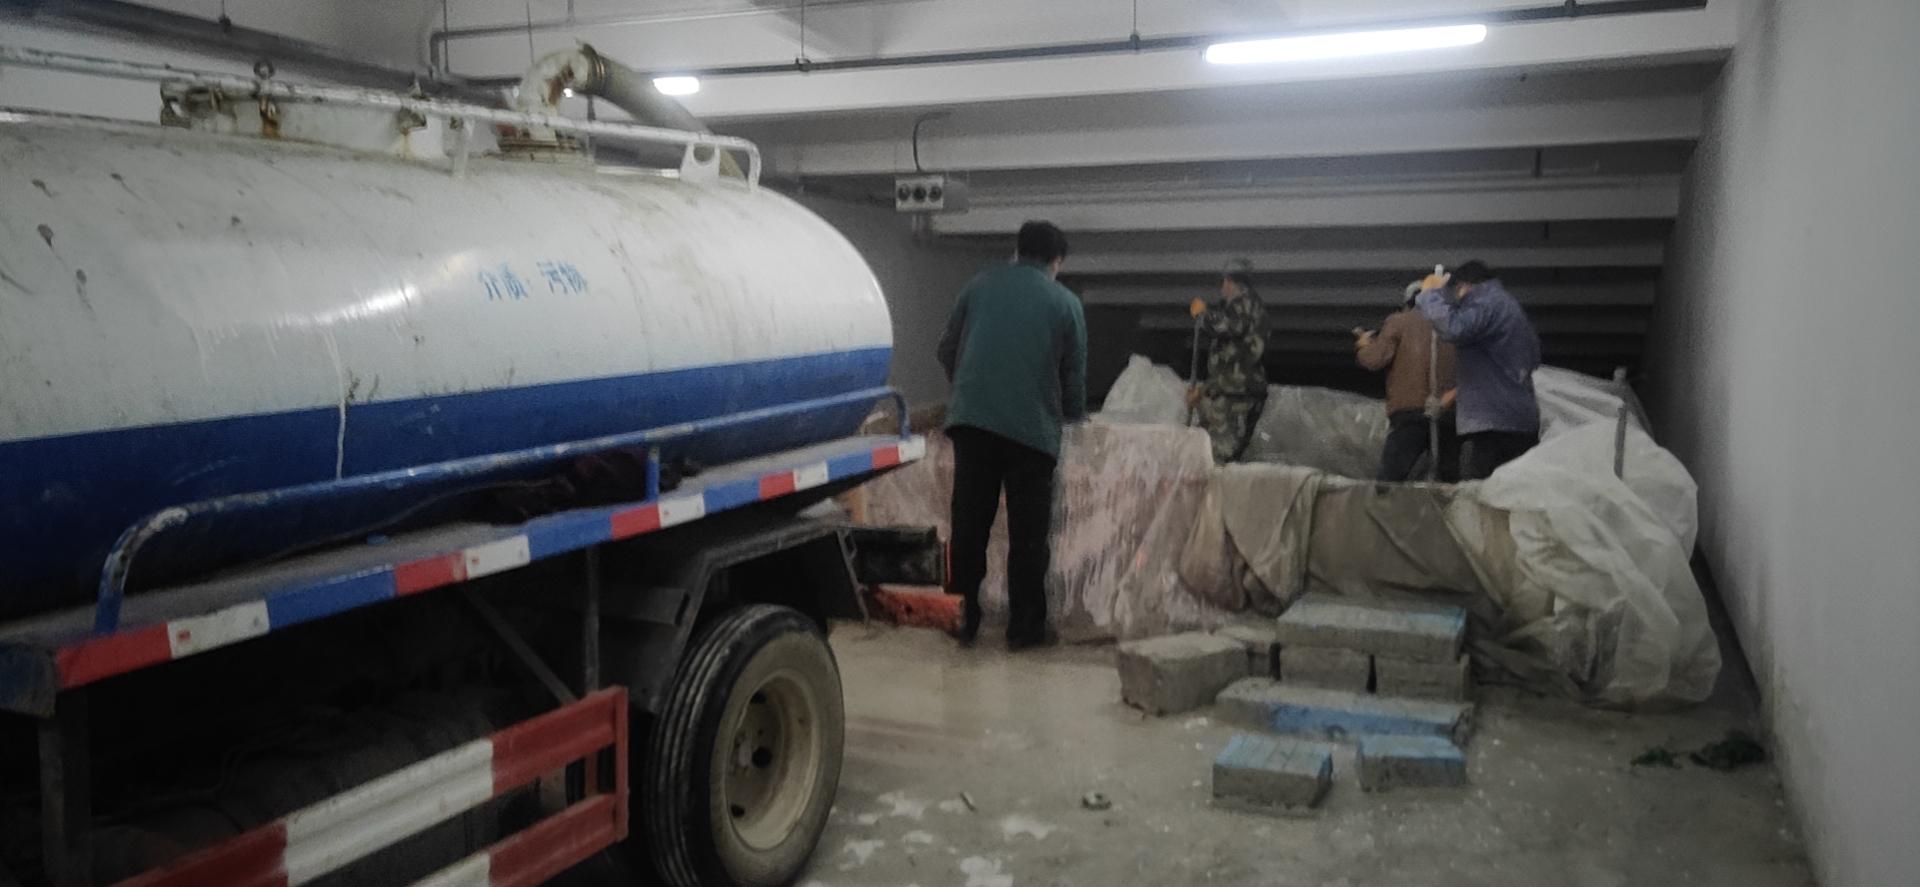 奉化溪口工业园排水管道清洗-管道疏通-老客户优惠